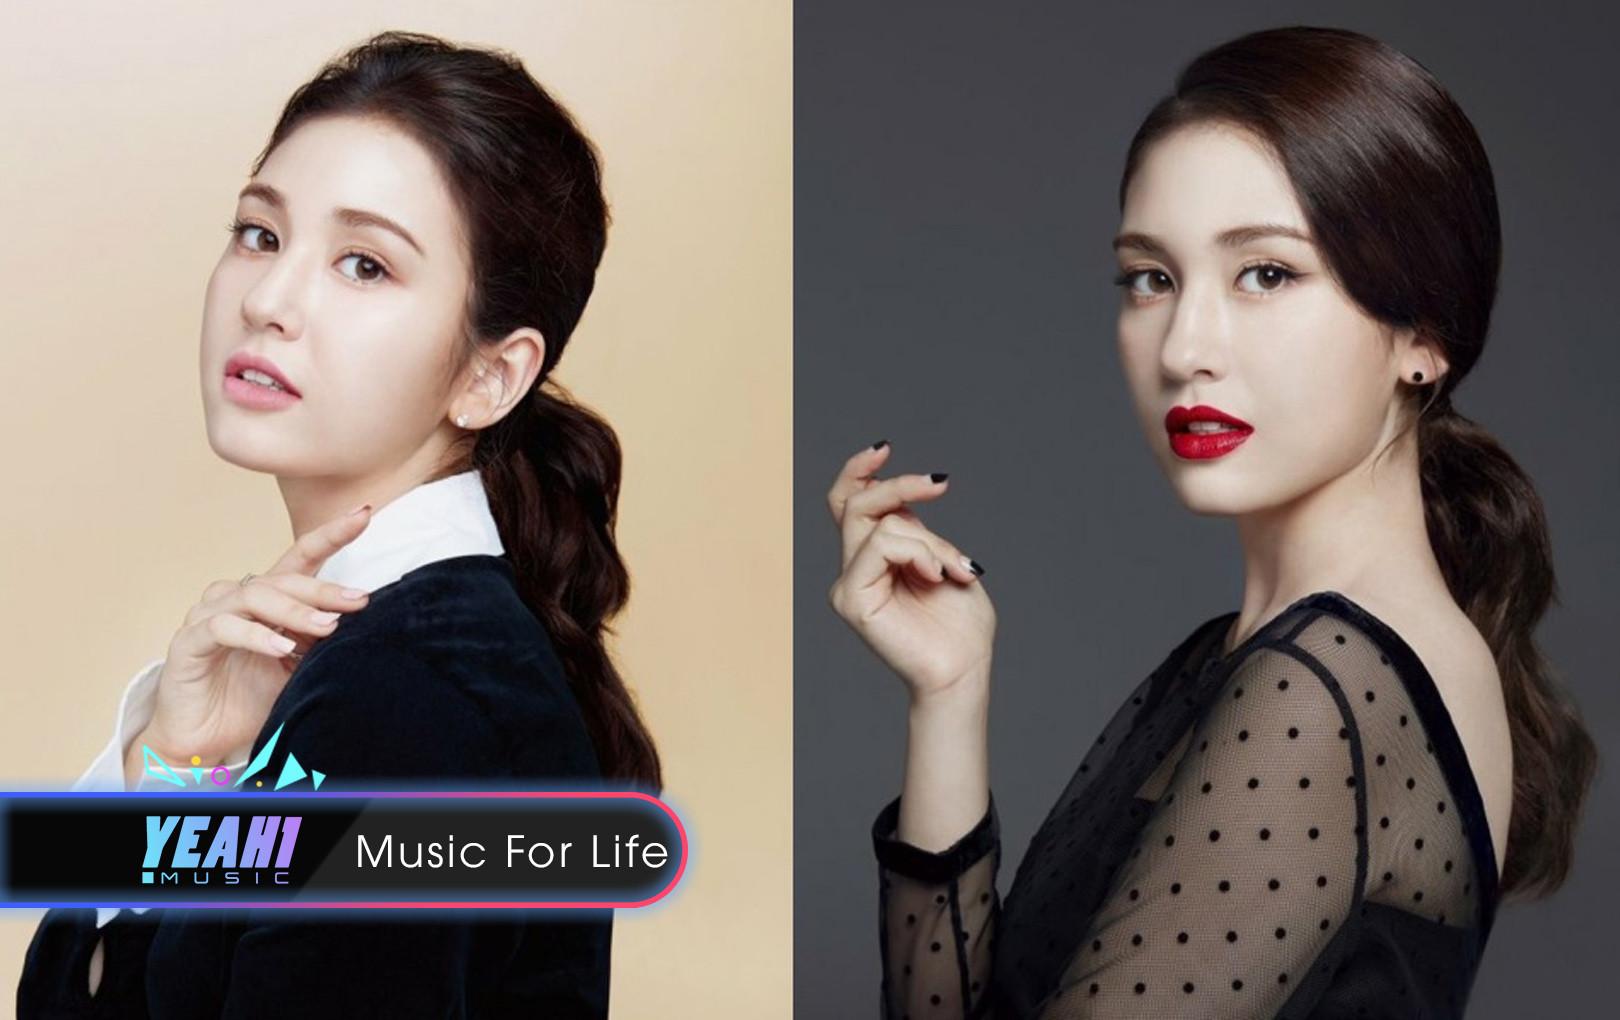 Hình ảnh quảng cáo mới nhất sau khi về công ty con của YG, Jeon Somi từ 18 tuổi biến thành 28 tuổi!